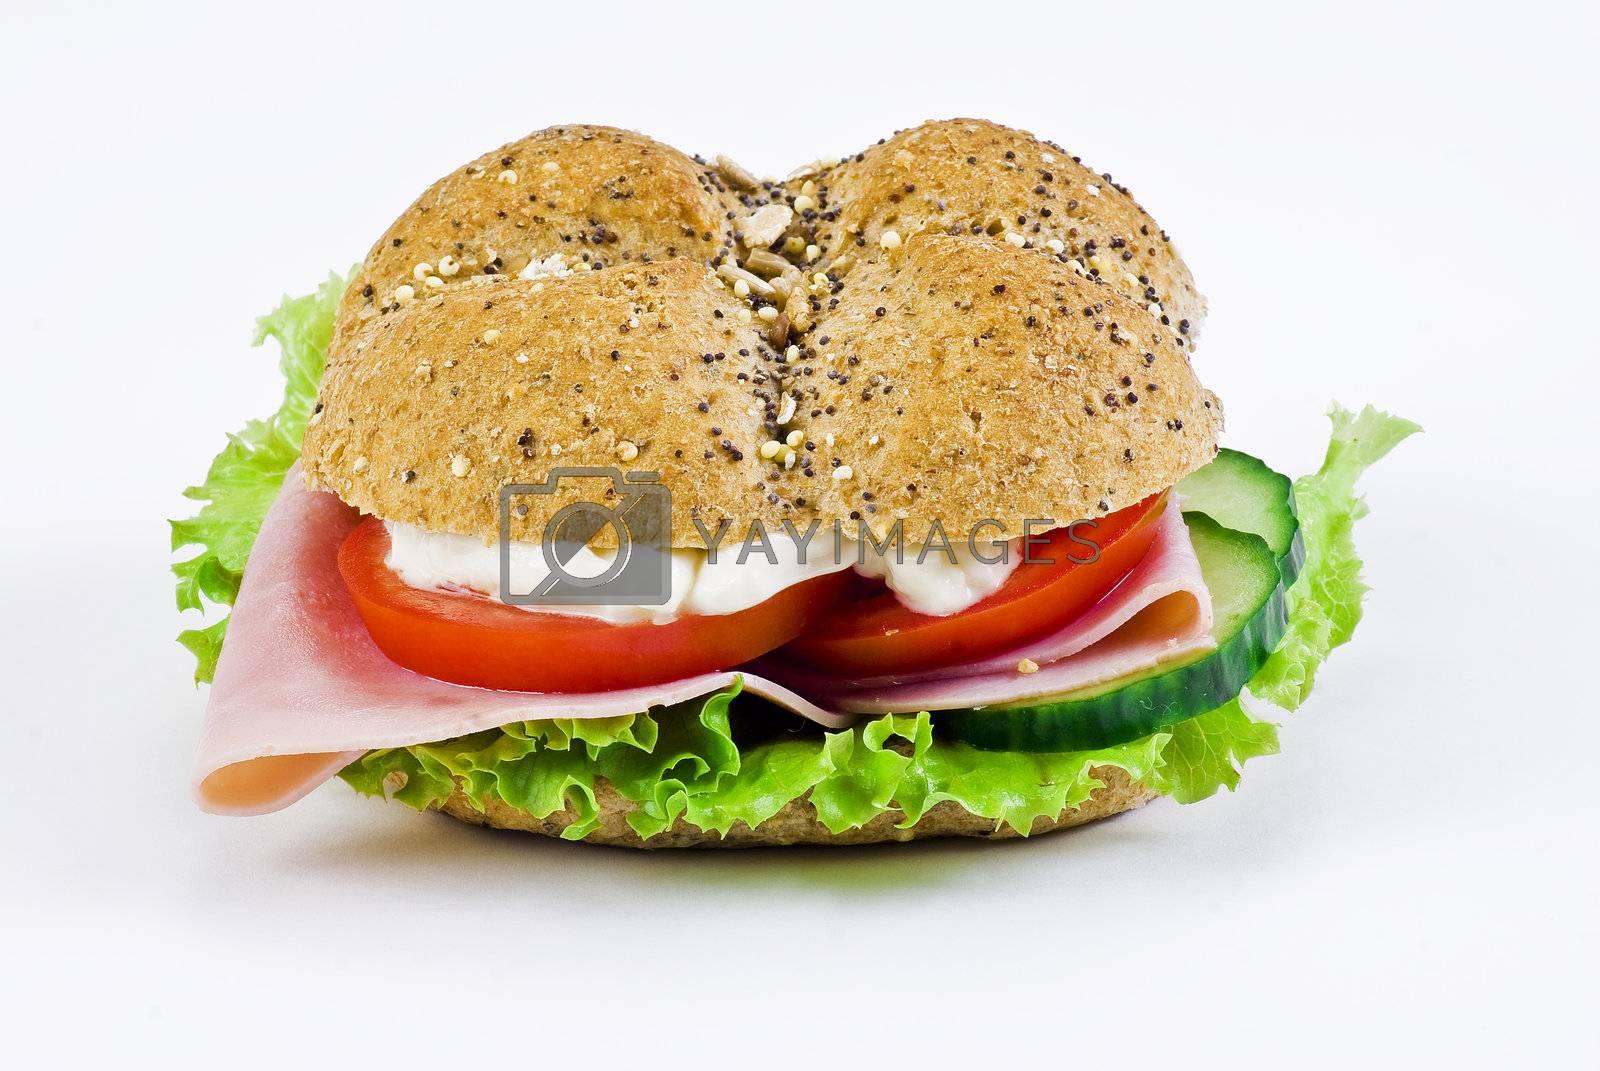 Freshly made sandwich by caldix